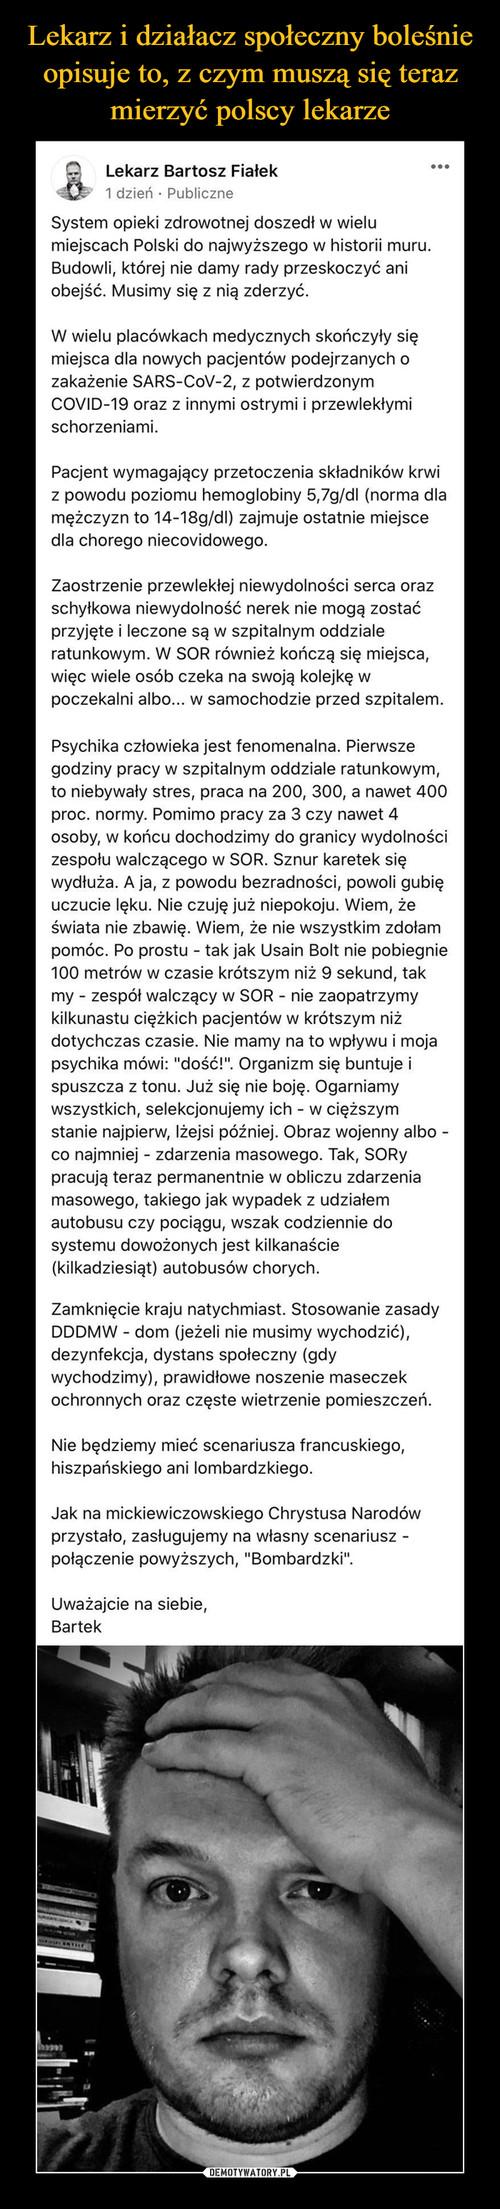 Lekarz i działacz społeczny boleśnie opisuje to, z czym muszą się teraz mierzyć polscy lekarze